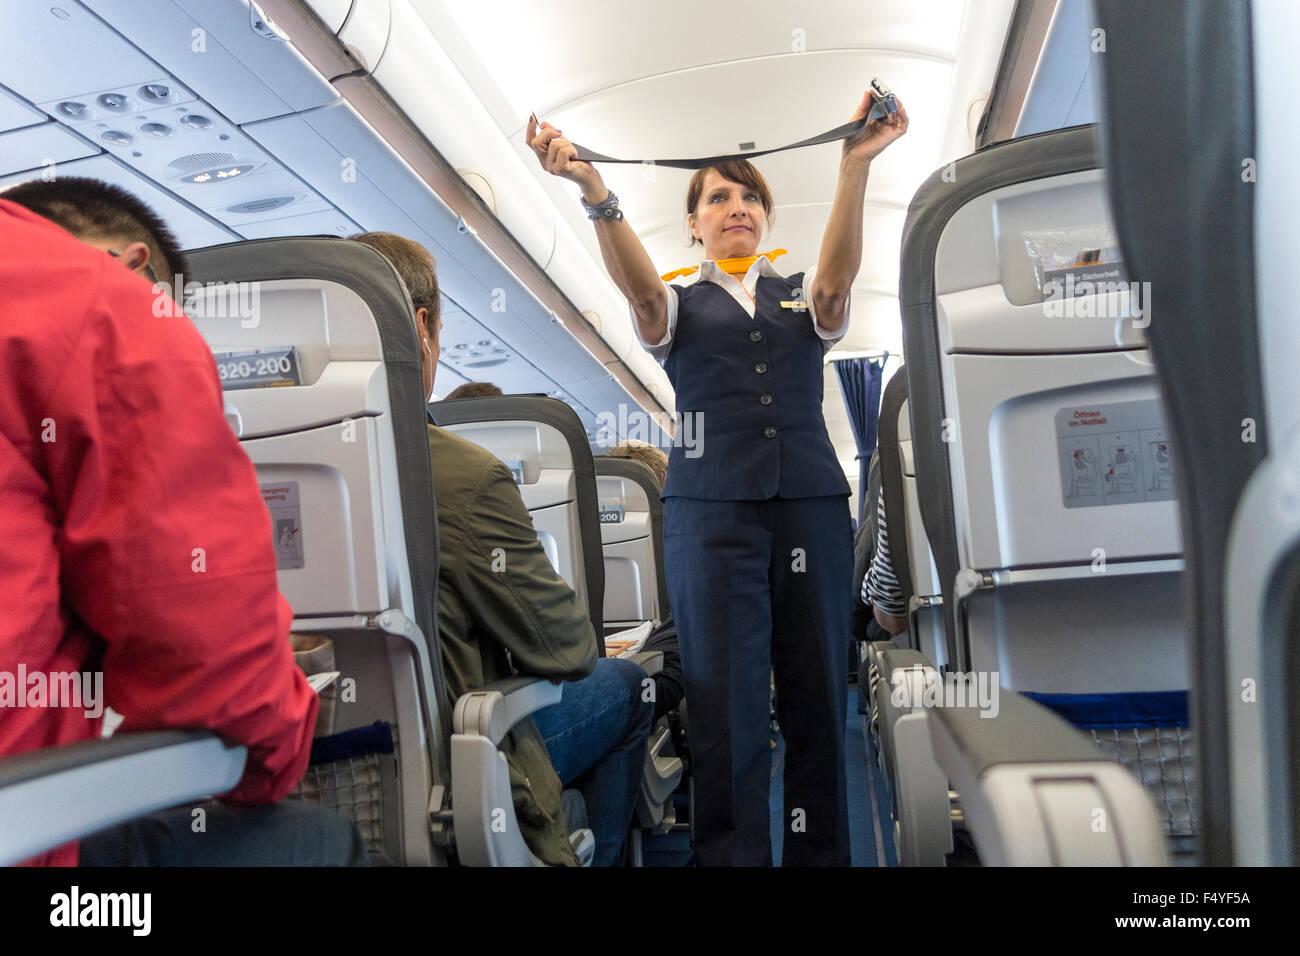 Weiblichen Flugbegleiter demonstrieren Sicherheitsgurt während Sicherheitshinweise auf Lufthansa-Maschine Stockbild